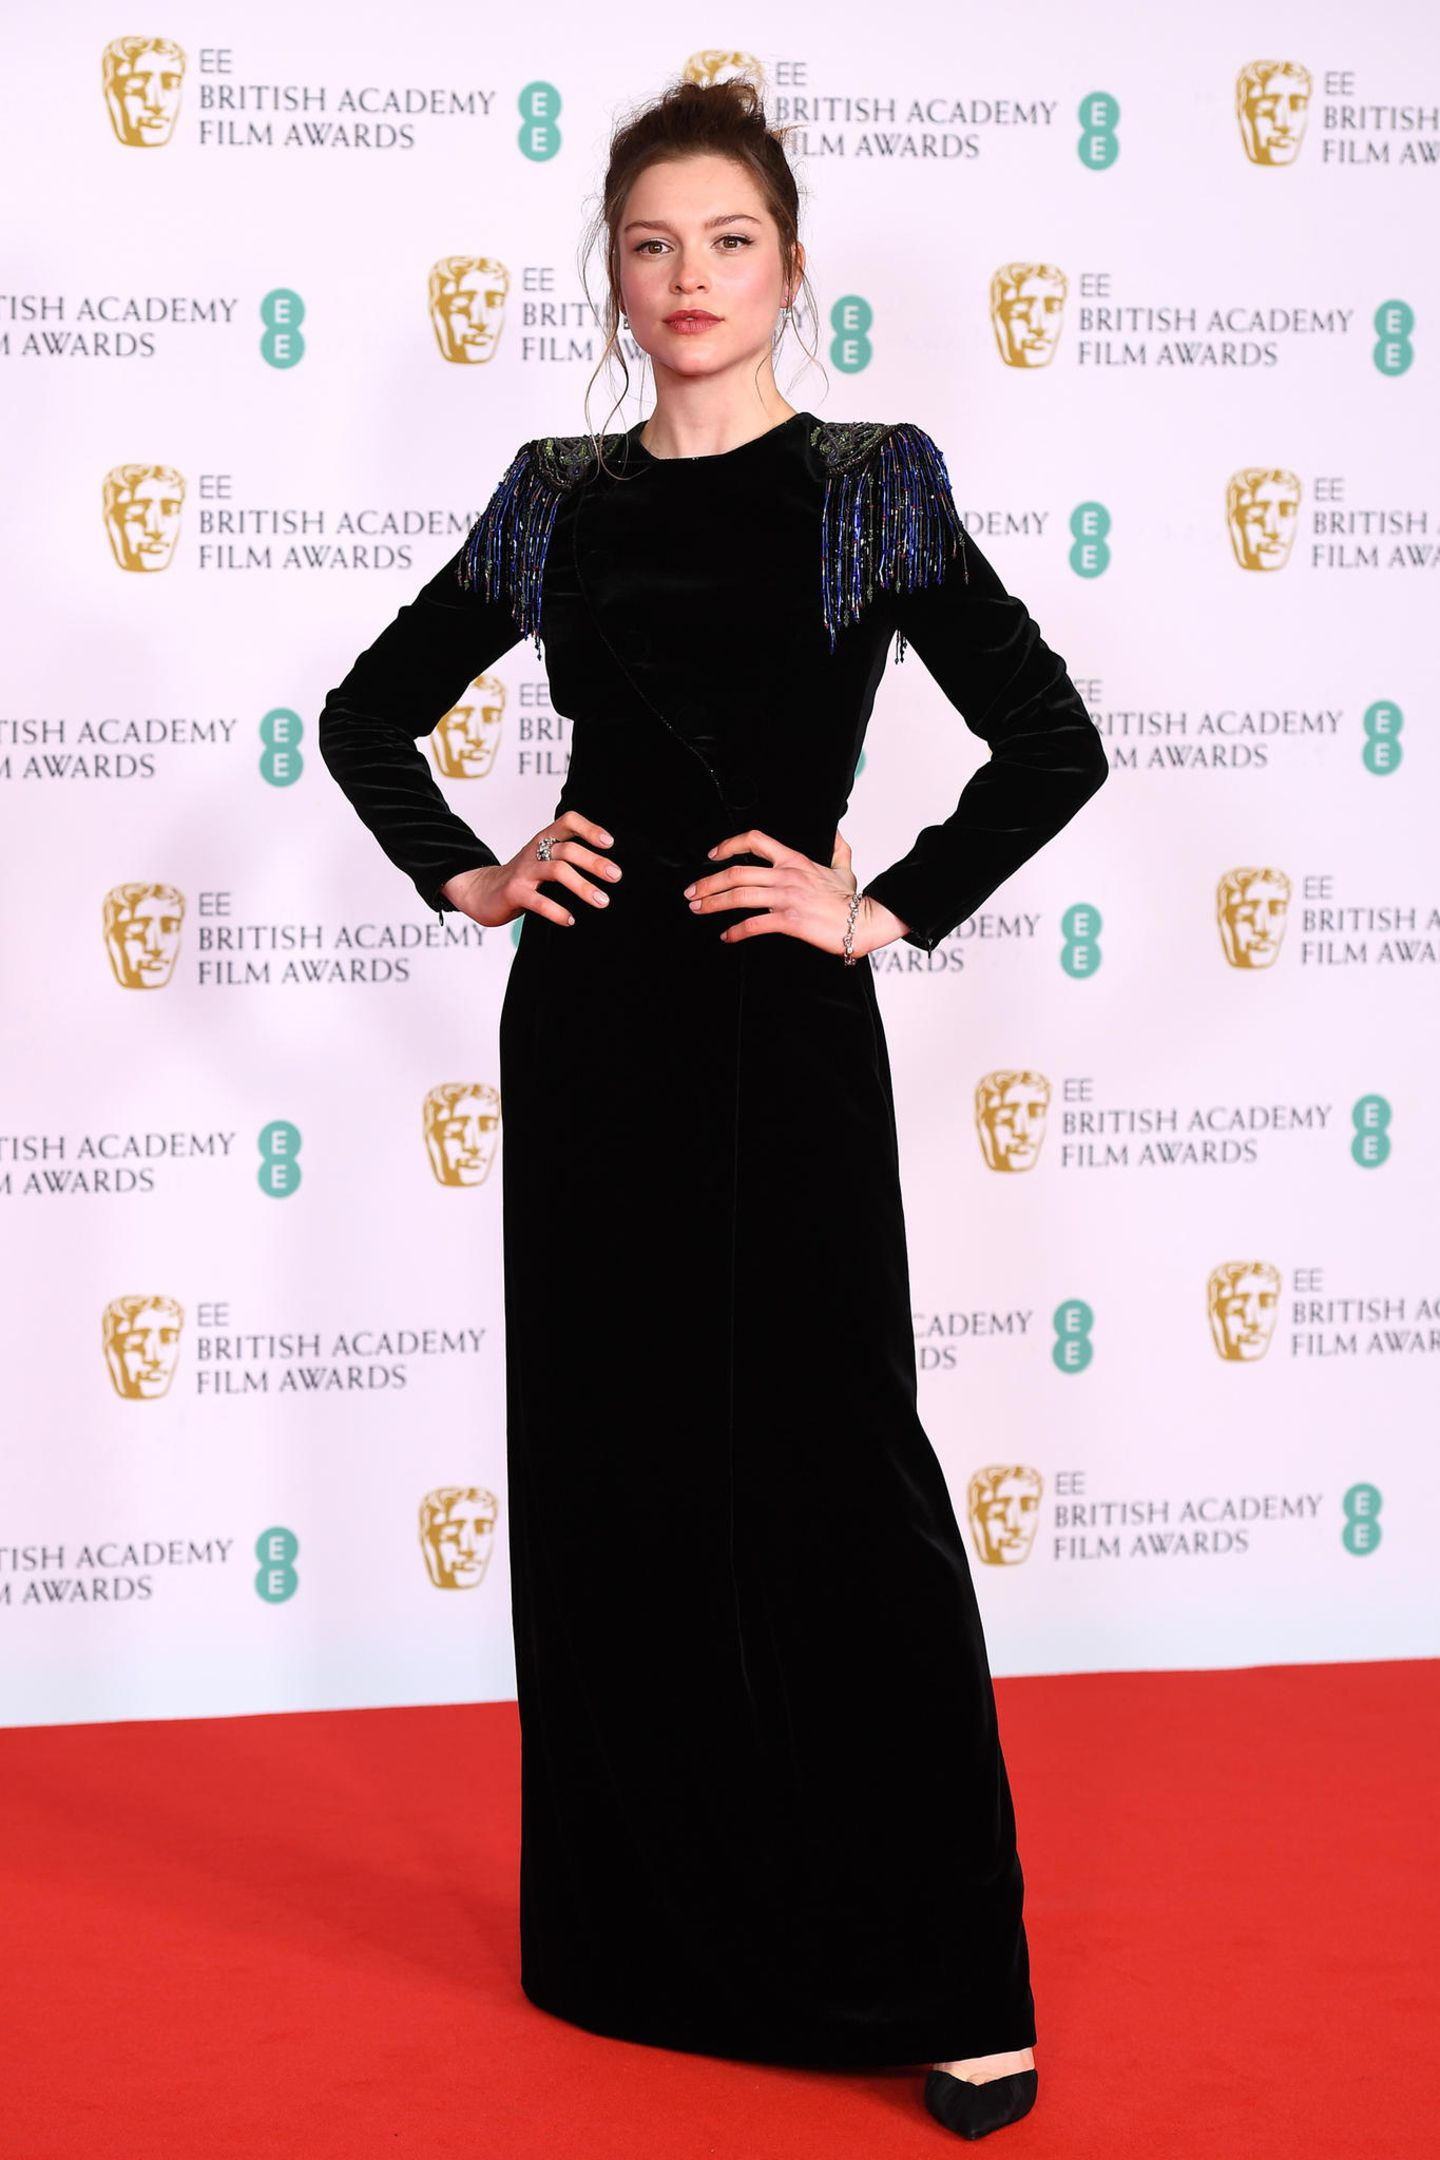 In einem eleganten Samt-Look von Giorgio Armani mit Fransen-Details an der Schulter macht Schauspielerin Sophie Cookson auf dem roten Teppich der Veranstaltung einen tollen Eindruck.